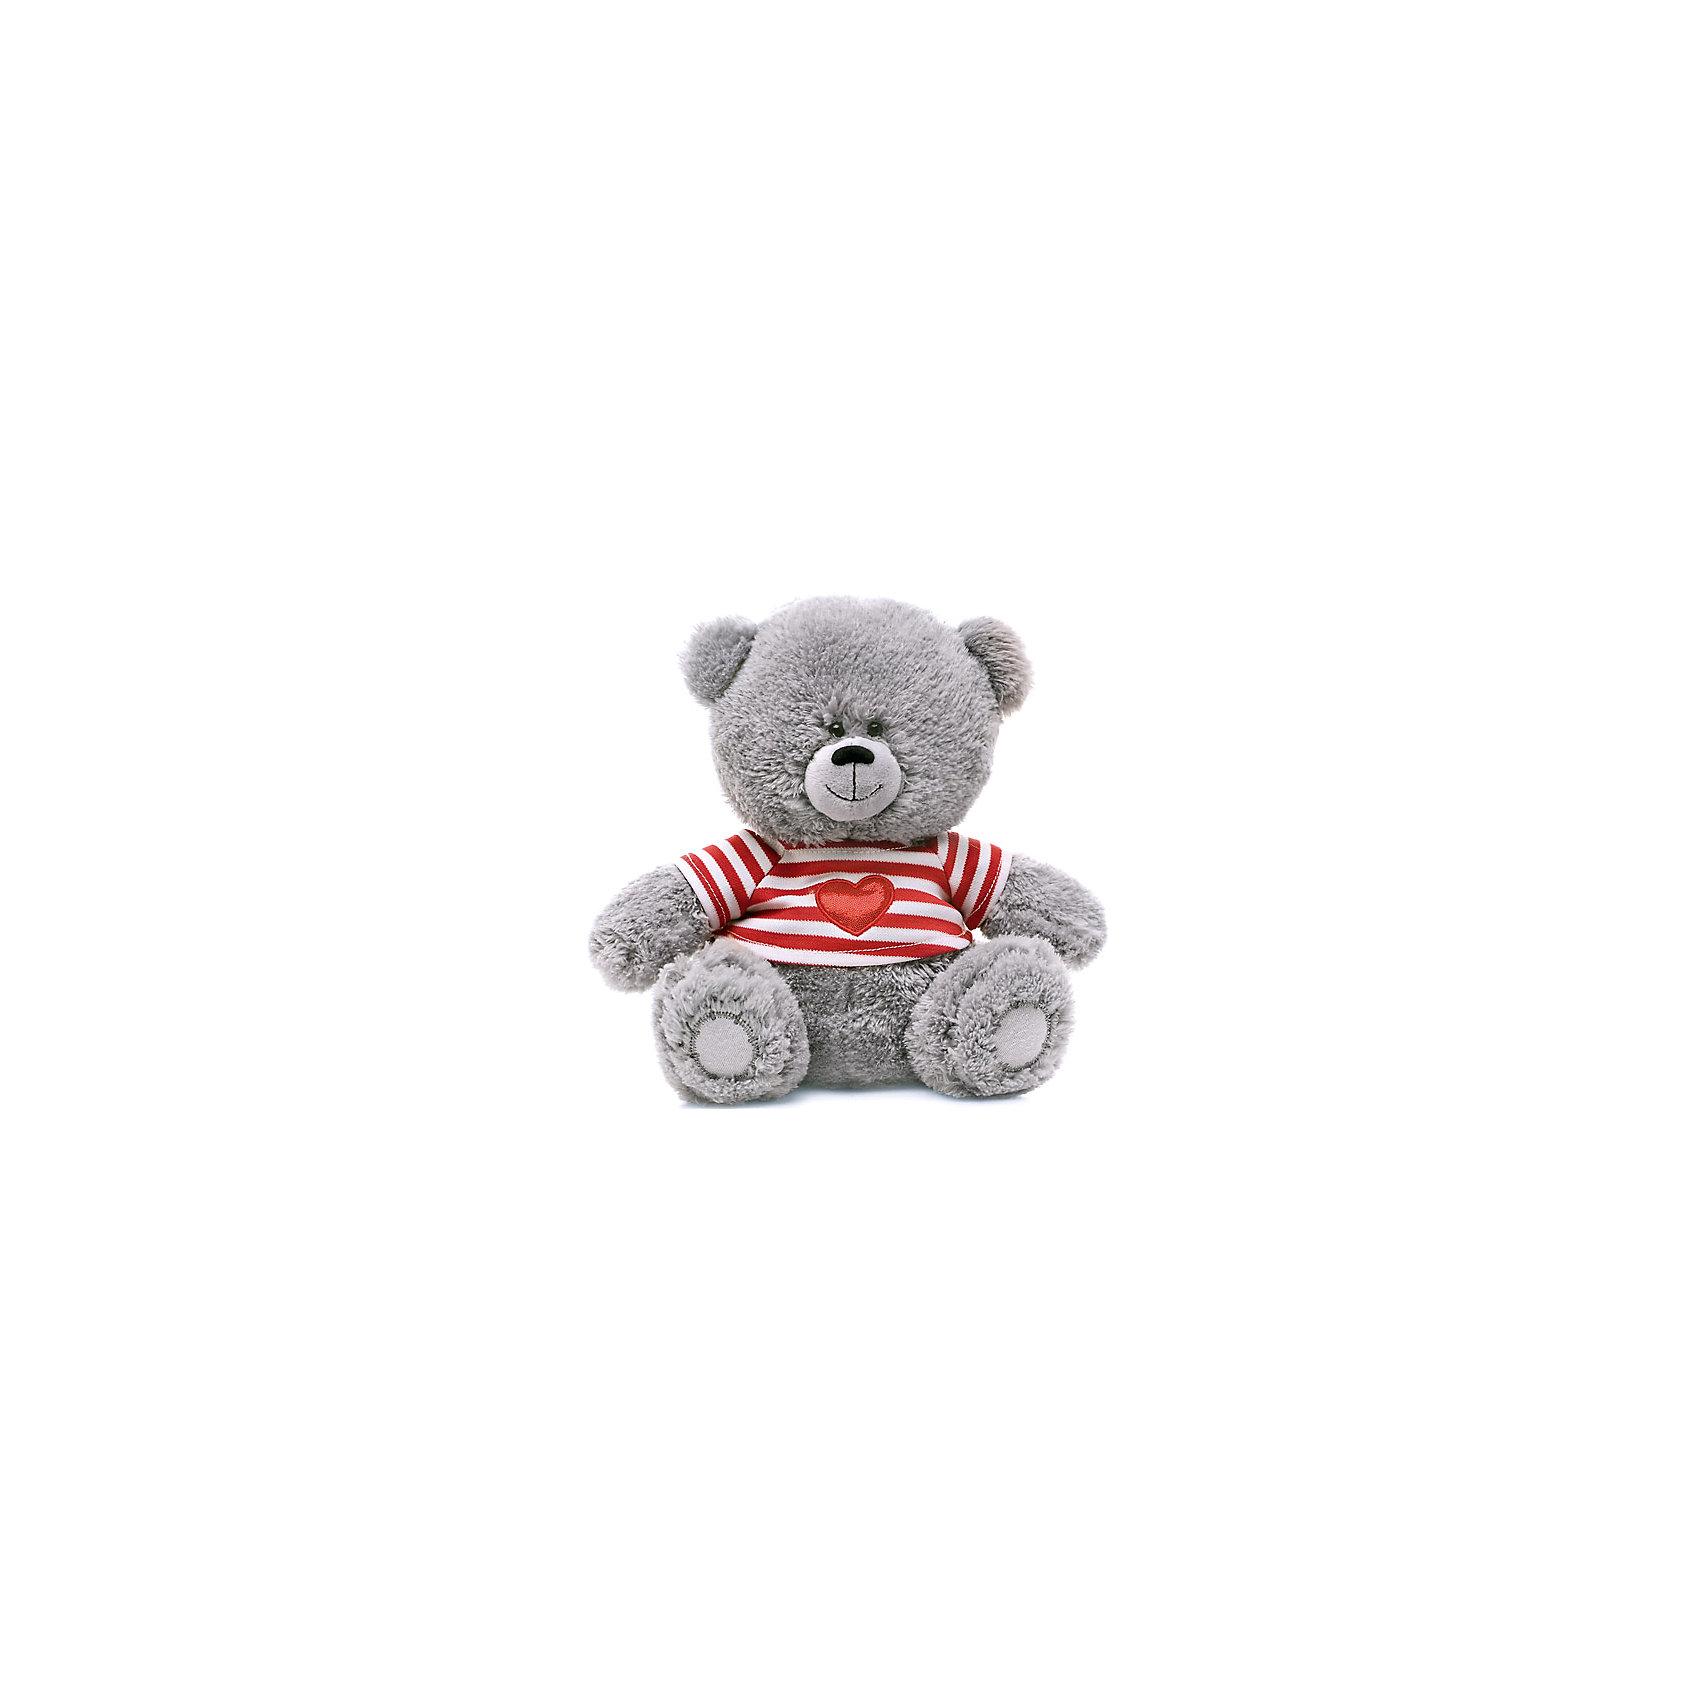 Медвежонок в полосатой футболке, музыкальный, 21 см, LAVAСимпатичная мягкая игрушка сделана в виде Медвежонка, одетого в полосатую футболку. Она поможет ребенку проводить время весело и с пользой (такие игрушки развивают воображение и моторику). В игрушке есть встроенный звуковой модуль, работающий на батарейках.<br>Размер игрушки универсален - 21 сантиметр, её удобно брать с собой в поездки и на прогулку. Сделан Медвежонок из качественных и безопасных для ребенка материалов, которые еще и приятны на ощупь. Эта игрушка может стать и отличным подарком для взрослого.<br><br>Дополнительная информация:<br><br>- материал: текстиль, пластик;<br>- звуковой модуль;<br>- язык: русский;<br>- работает на батарейках;<br>- высота: 21 см.<br><br>Игрушку Медвежонок в полосатой футболке, музыкальный, 21 см, от марки LAVA можно купить в нашем магазине.<br><br>Ширина мм: 9999<br>Глубина мм: 9999<br>Высота мм: 210<br>Вес г: 314<br>Возраст от месяцев: 36<br>Возраст до месяцев: 1188<br>Пол: Унисекс<br>Возраст: Детский<br>SKU: 4701878